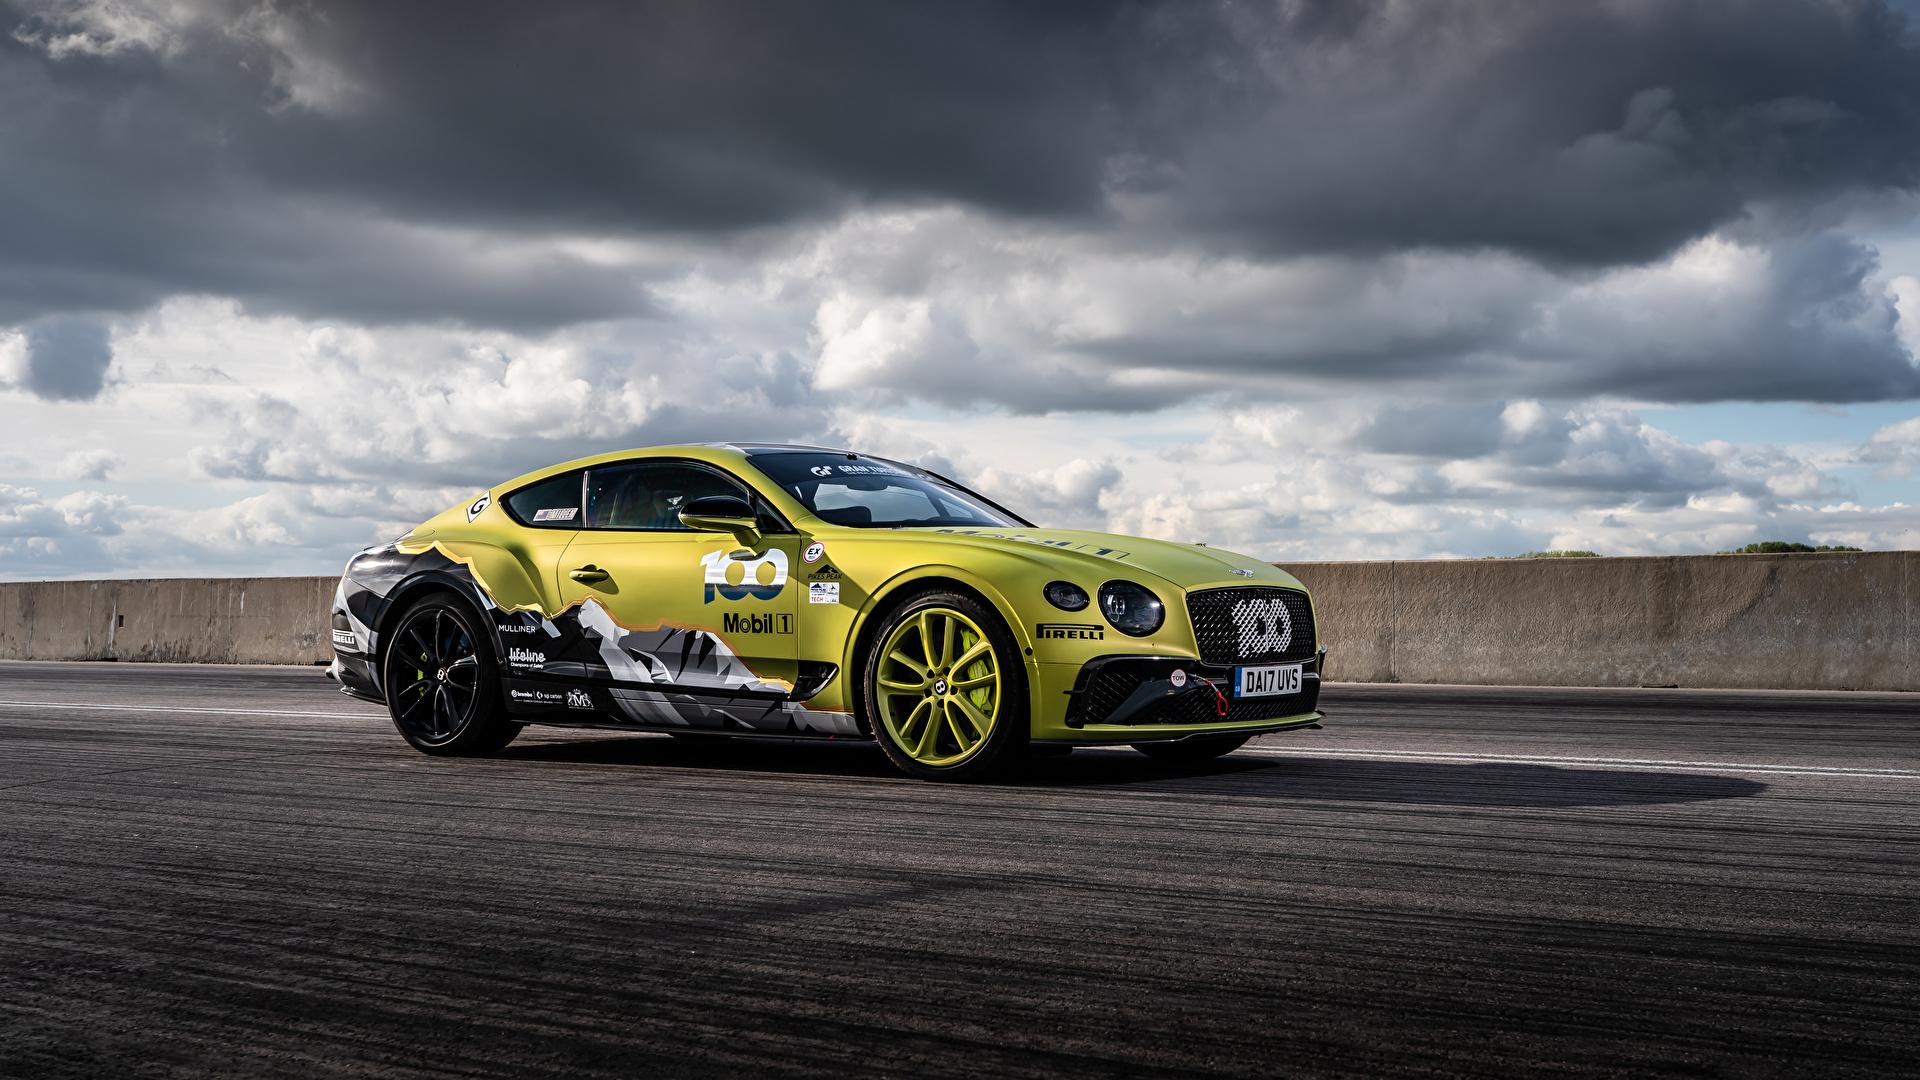 Обои для рабочего стола Бентли Continental GT Pikes Peak, 2019 Сбоку машины Облака 1920x1080 Bentley авто машина Автомобили автомобиль облако облачно